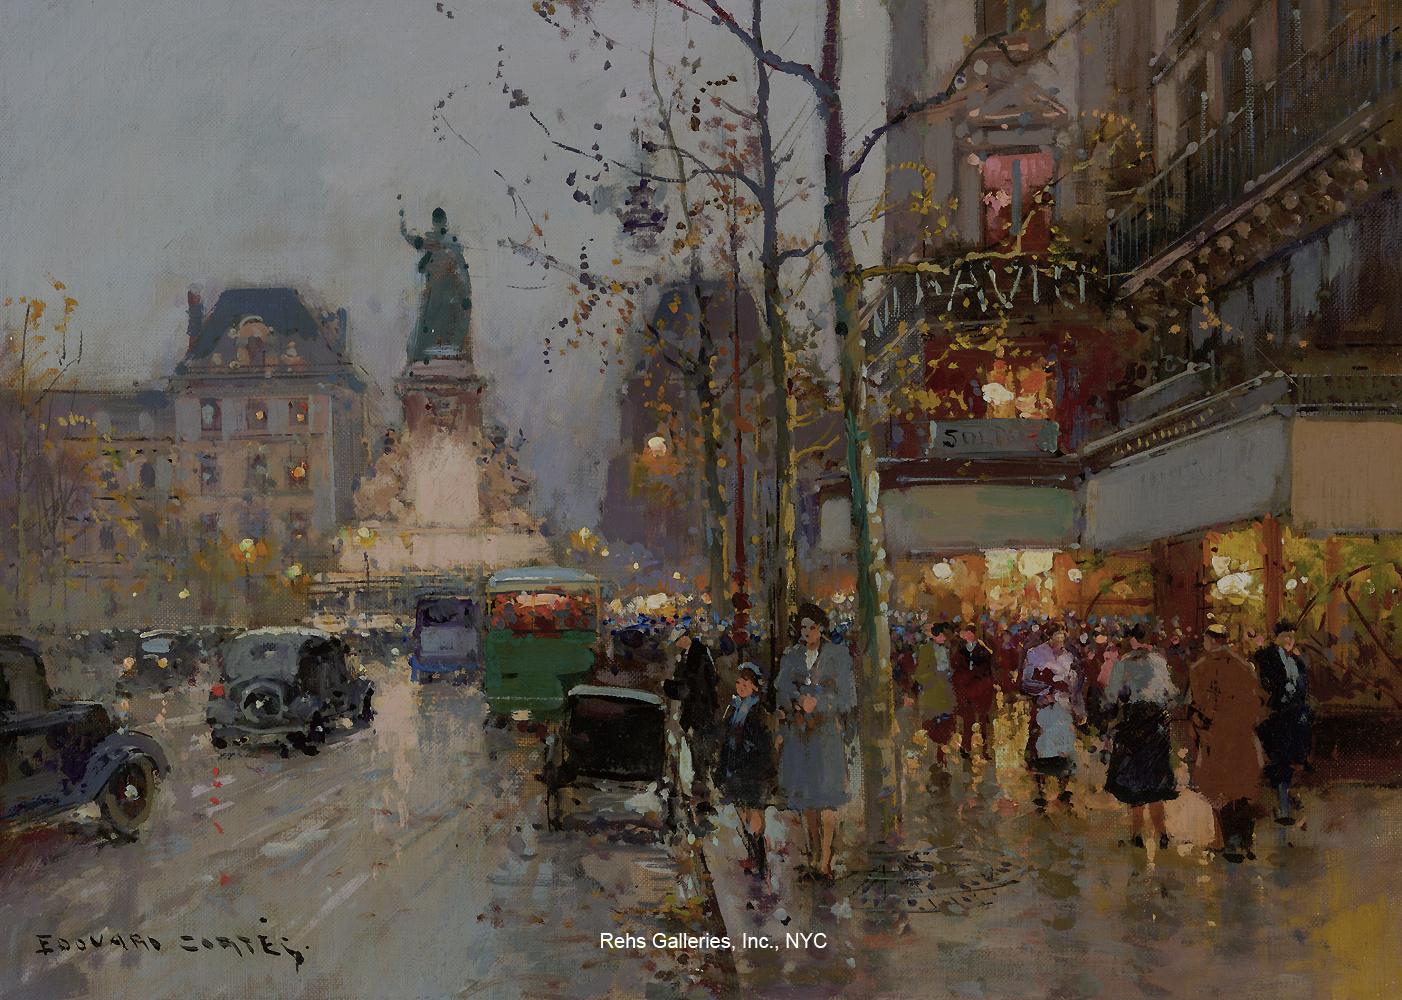 edouard_leon_cortes_e1216_place_de_la_republique_wm.jpg